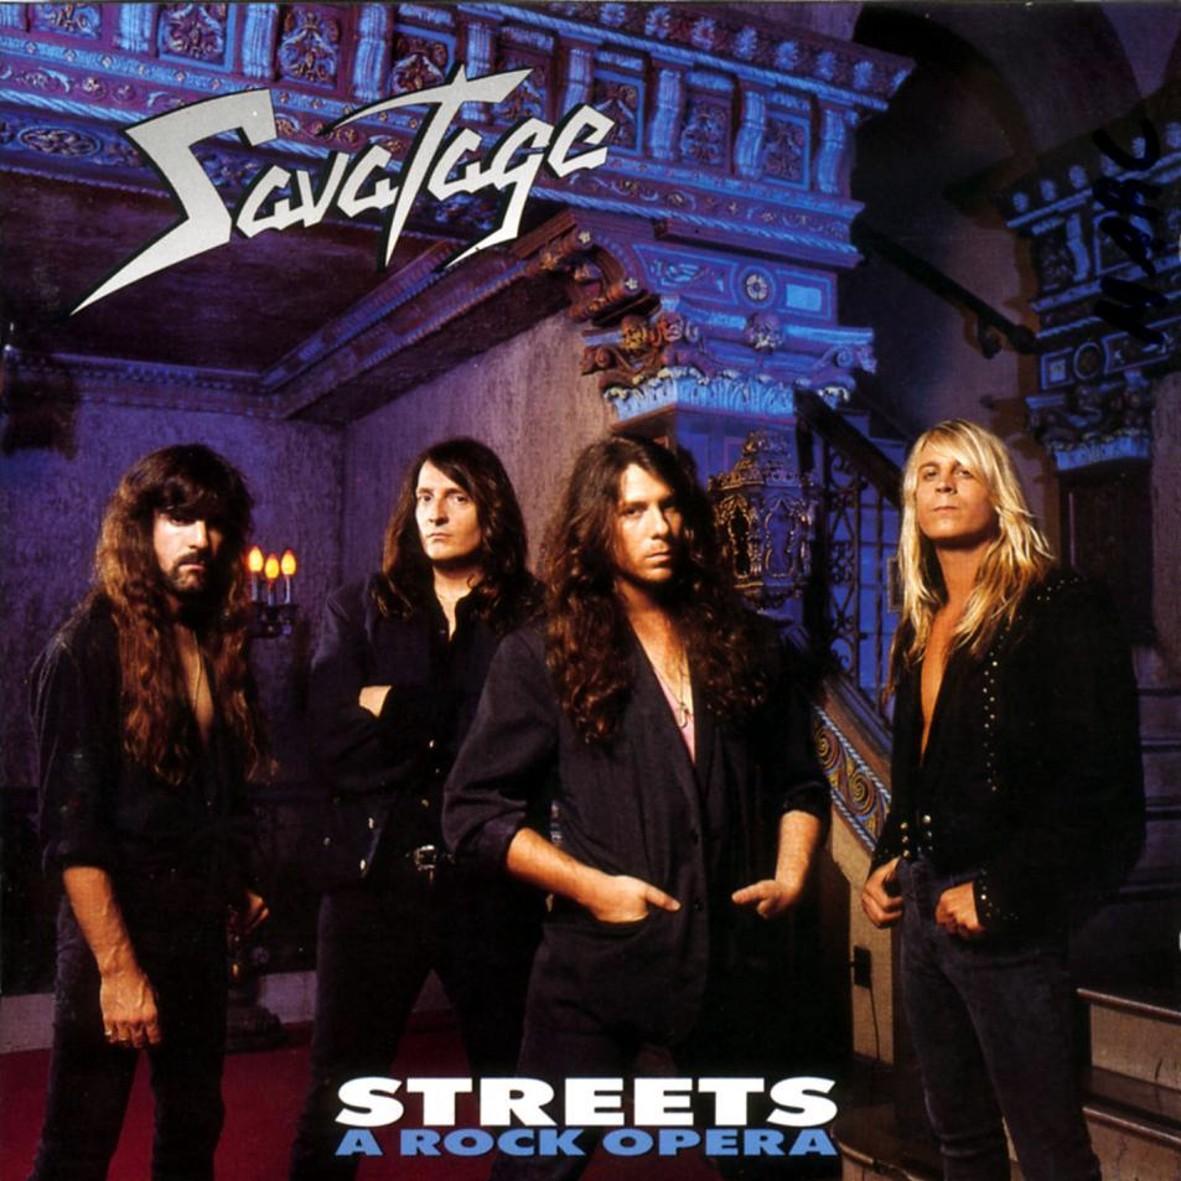 Savatage STREETS, 1991